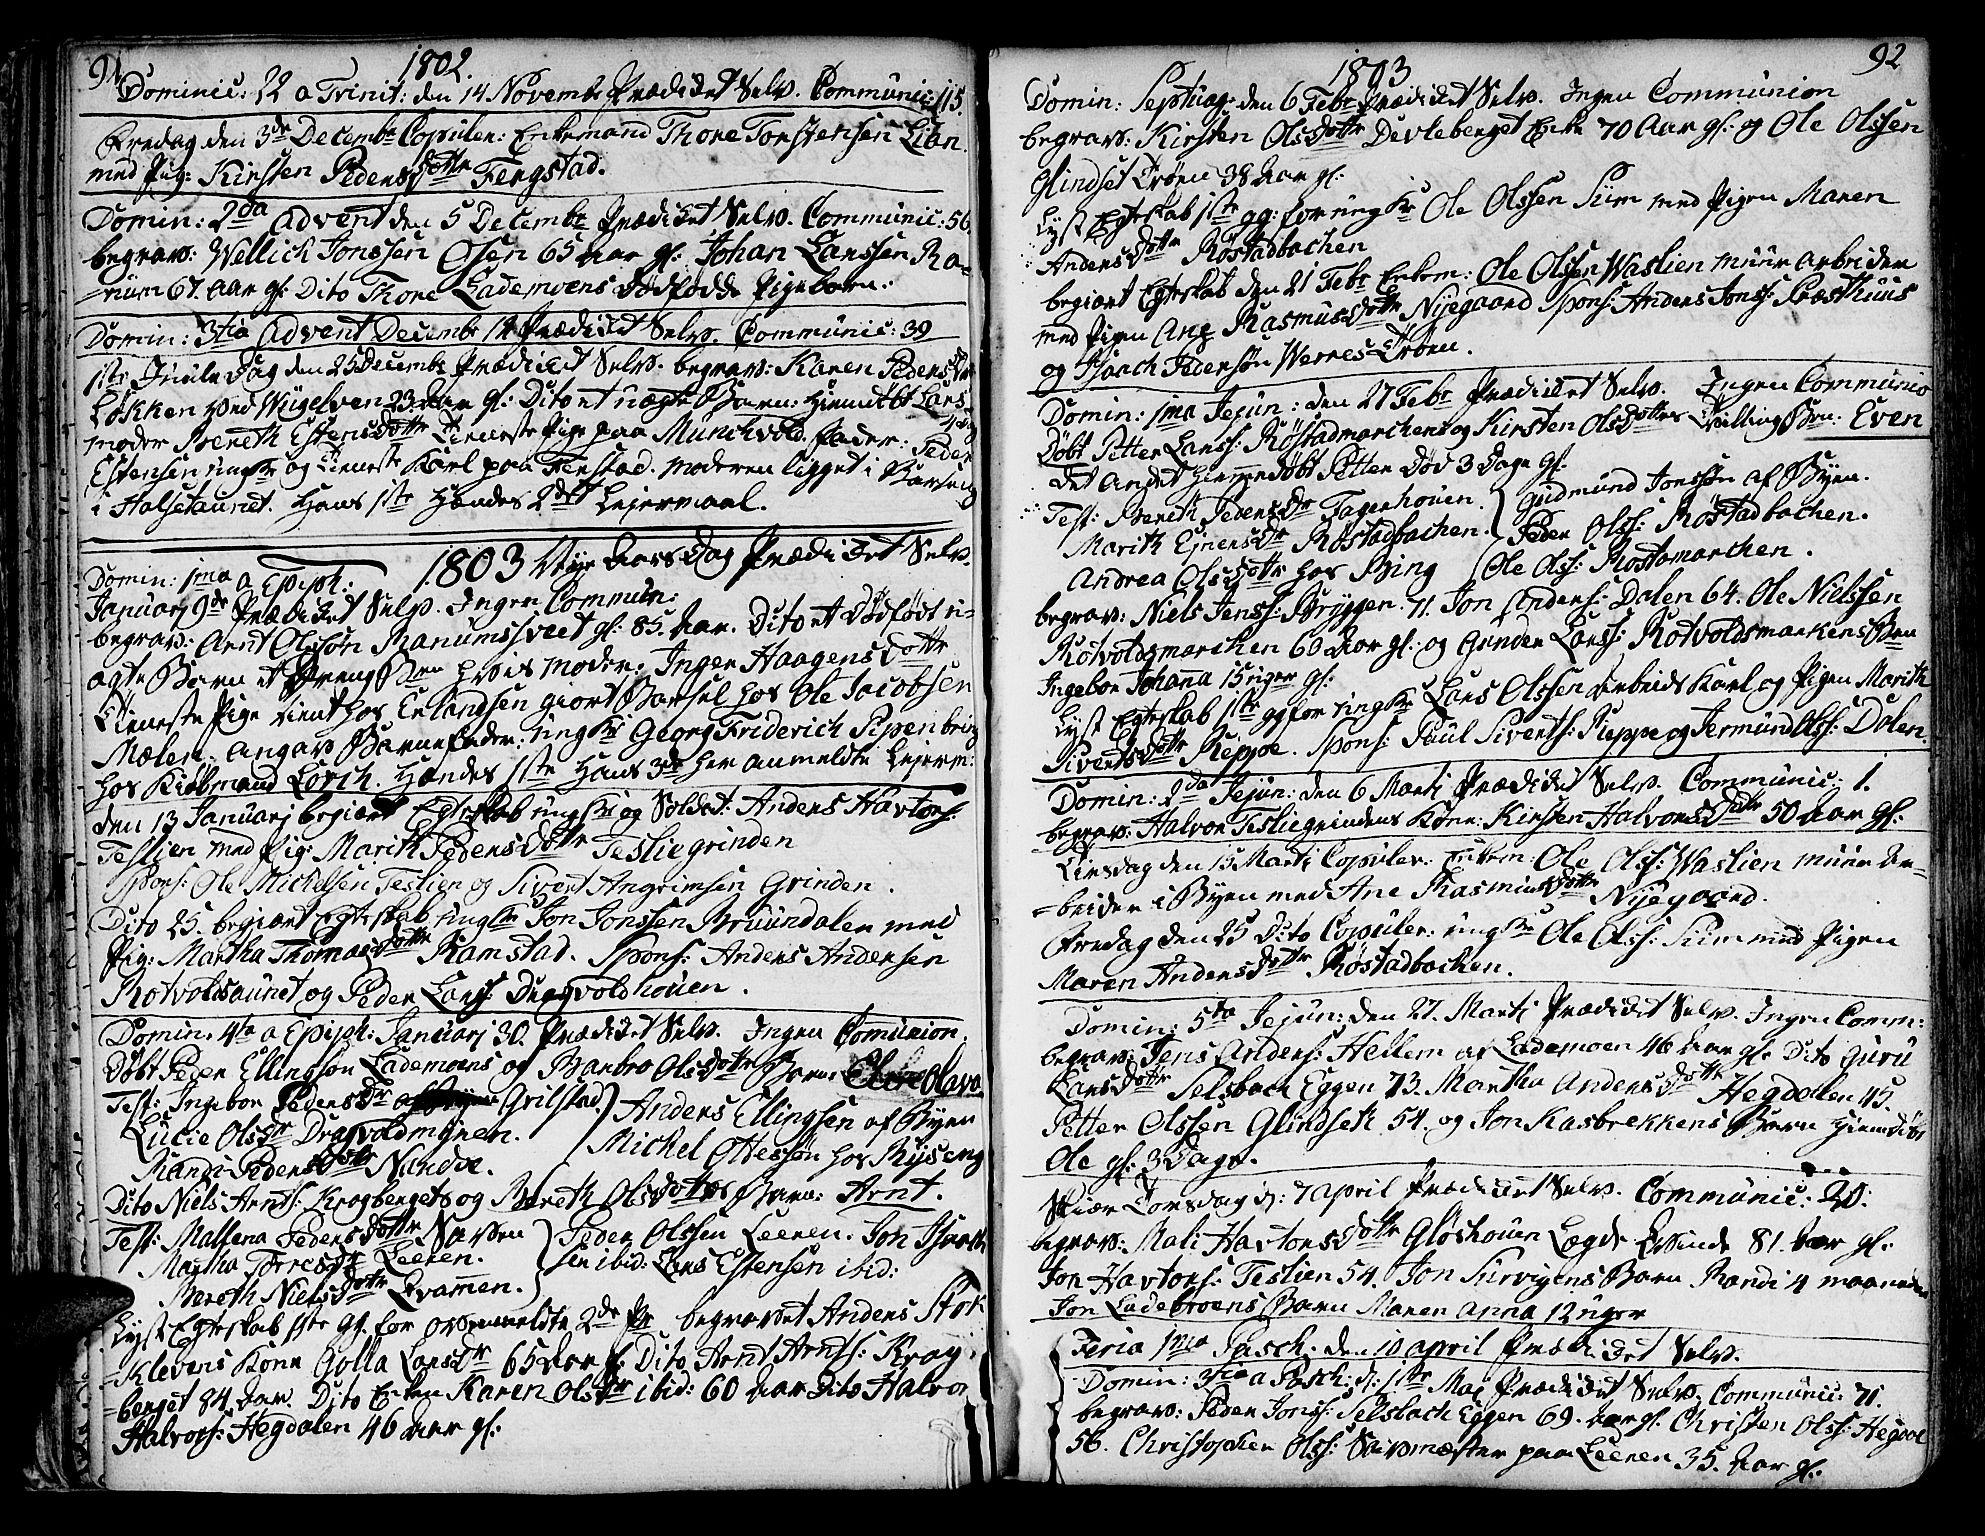 SAT, Ministerialprotokoller, klokkerbøker og fødselsregistre - Sør-Trøndelag, 606/L0280: Ministerialbok nr. 606A02 /1, 1781-1817, s. 91-92